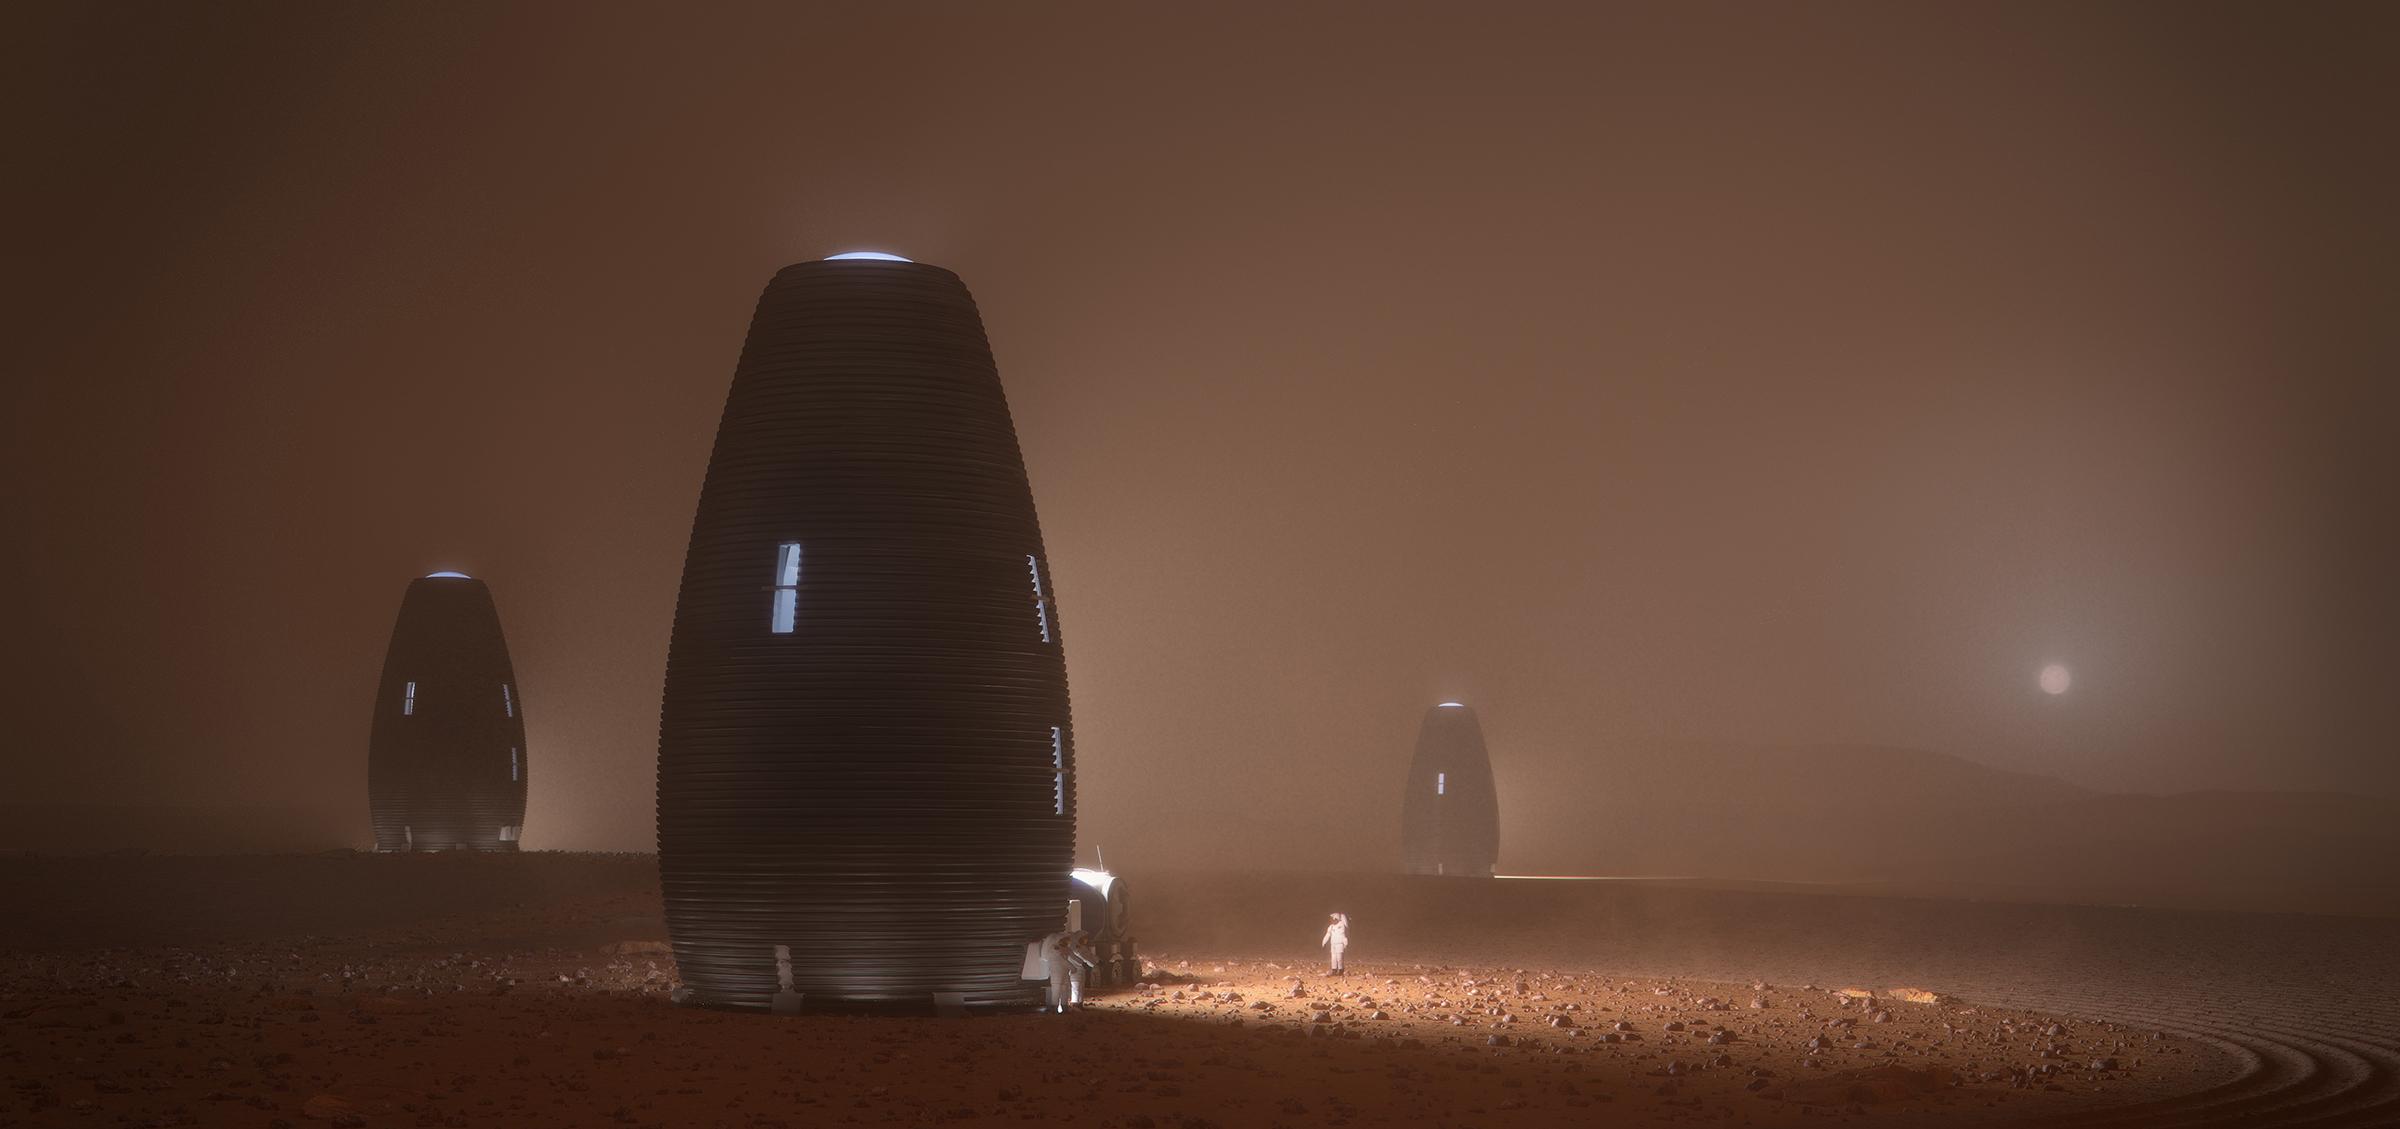 AI Space Factory a finalement remporté le Challenge de la NASA face aux termitières martiennes